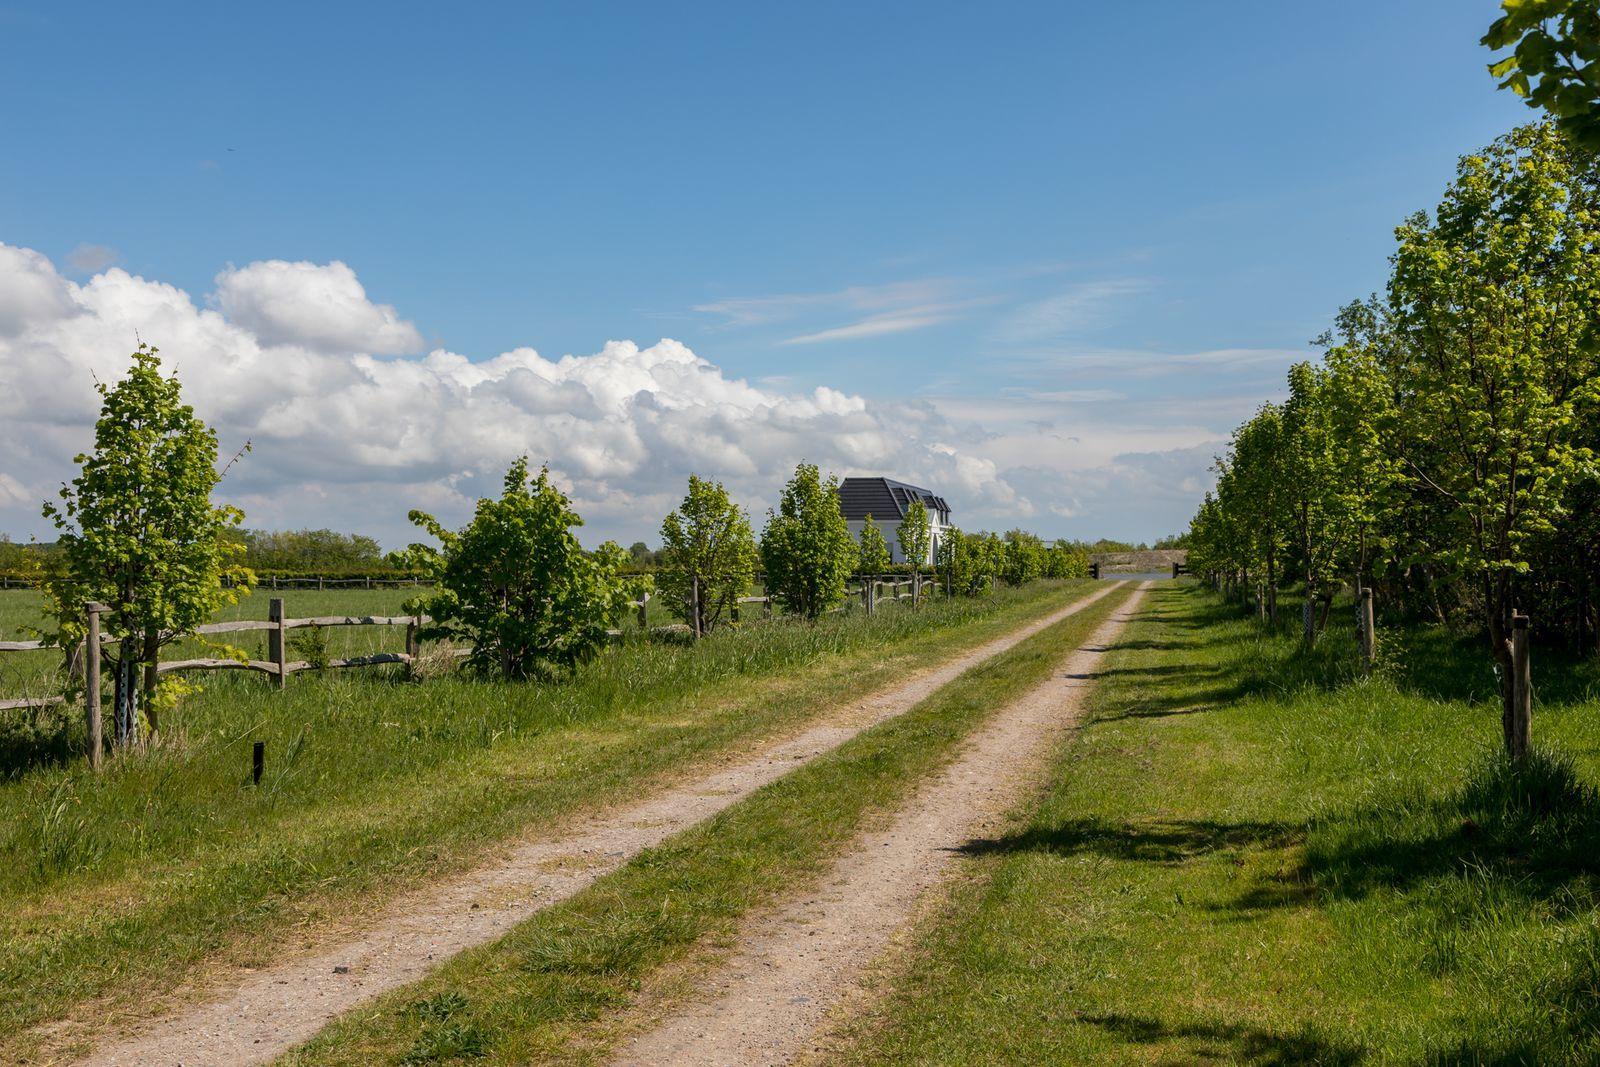 Landgoed - Houtenburgseweg 46 | Zoutelande 'Landgoed Kustlicht'